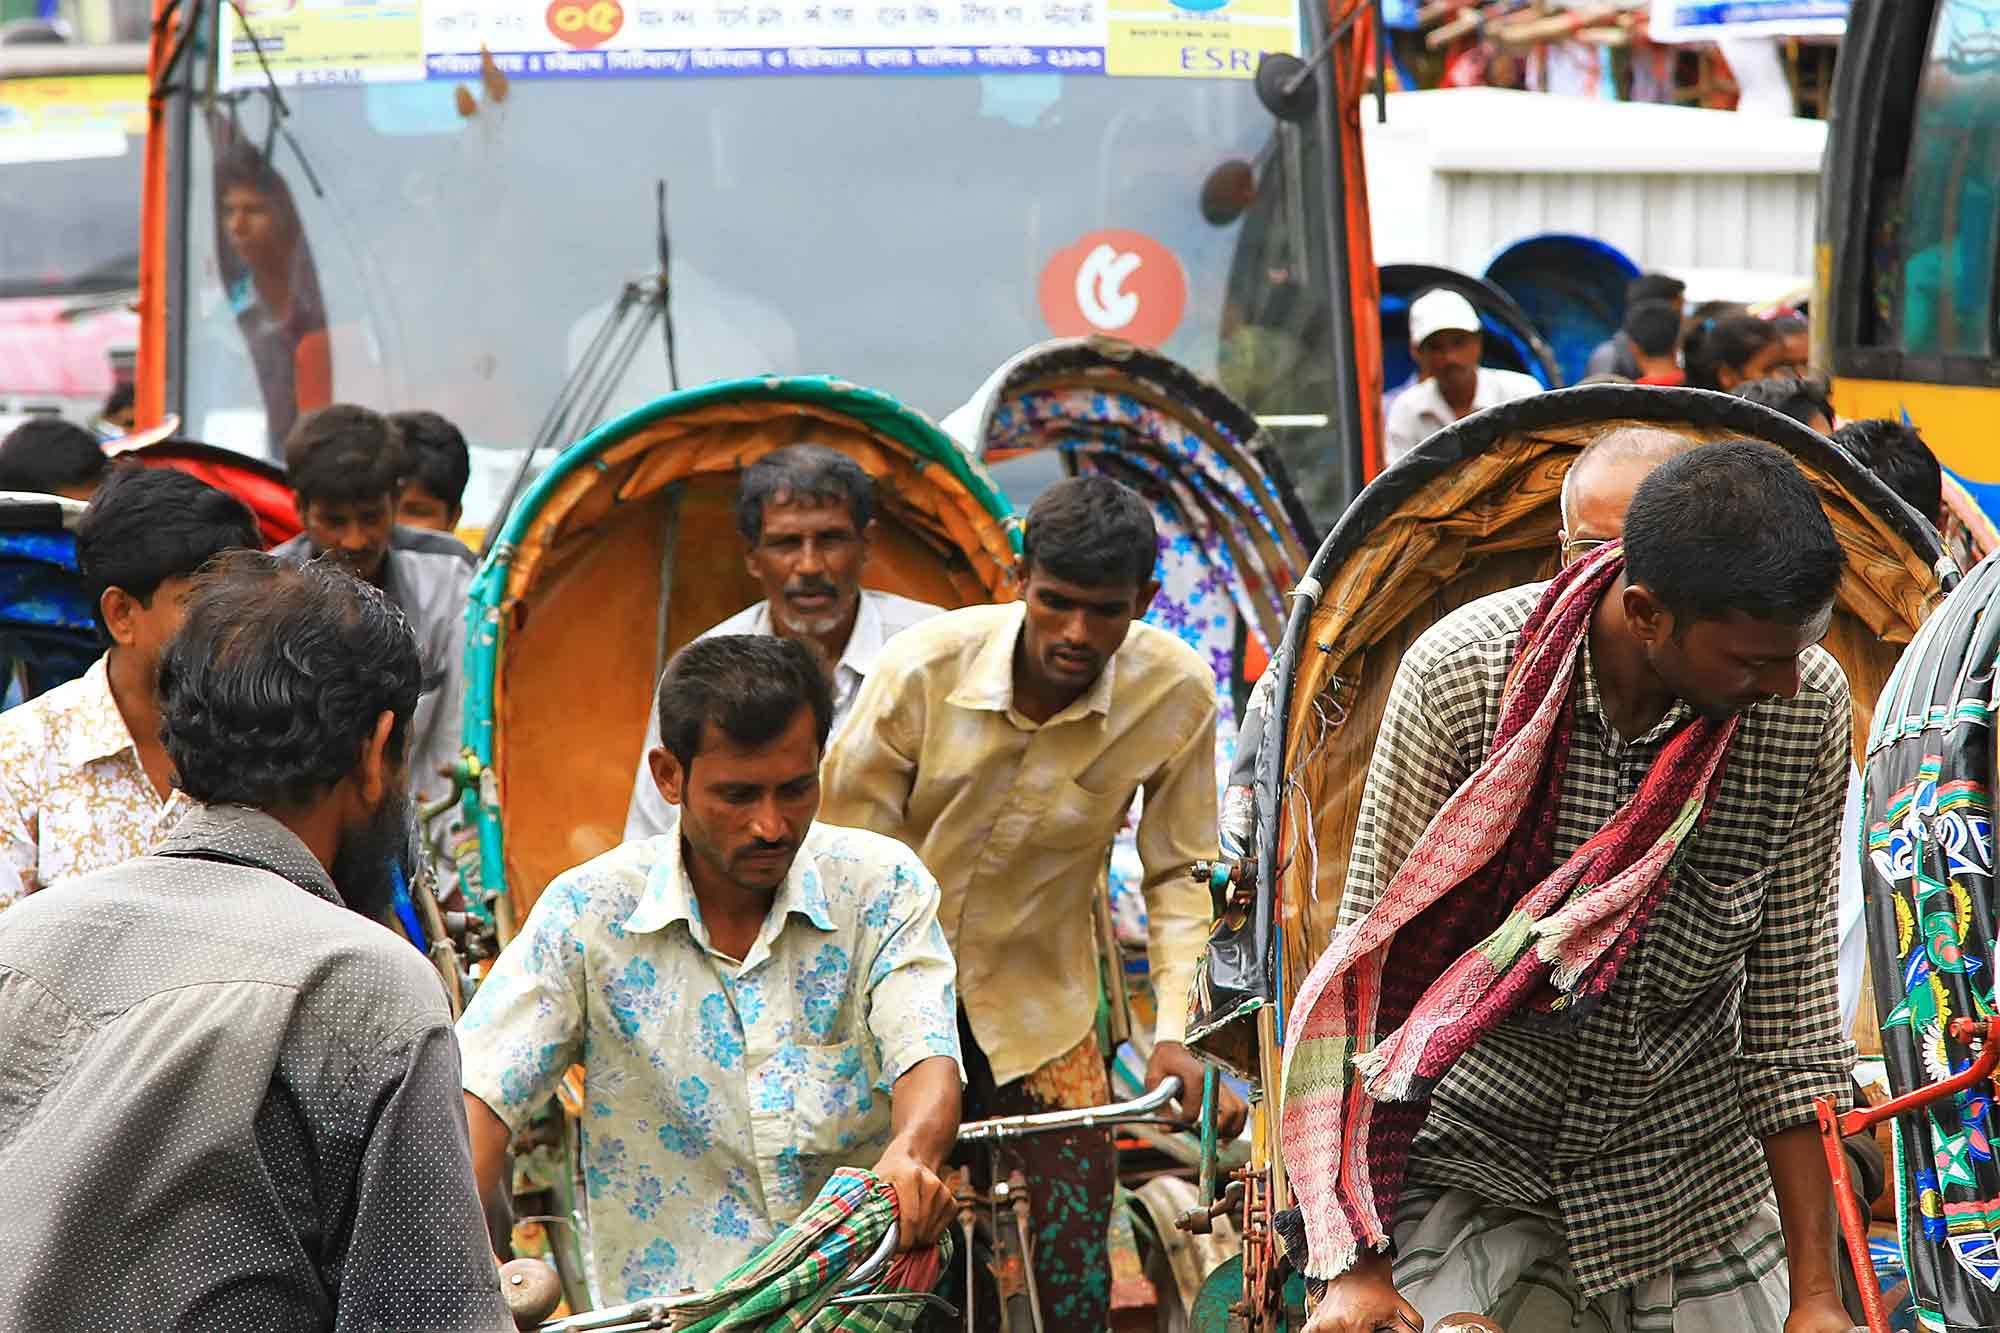 Rikscha traffic in Dhaka. © Ulli Maier & Nisa Maier